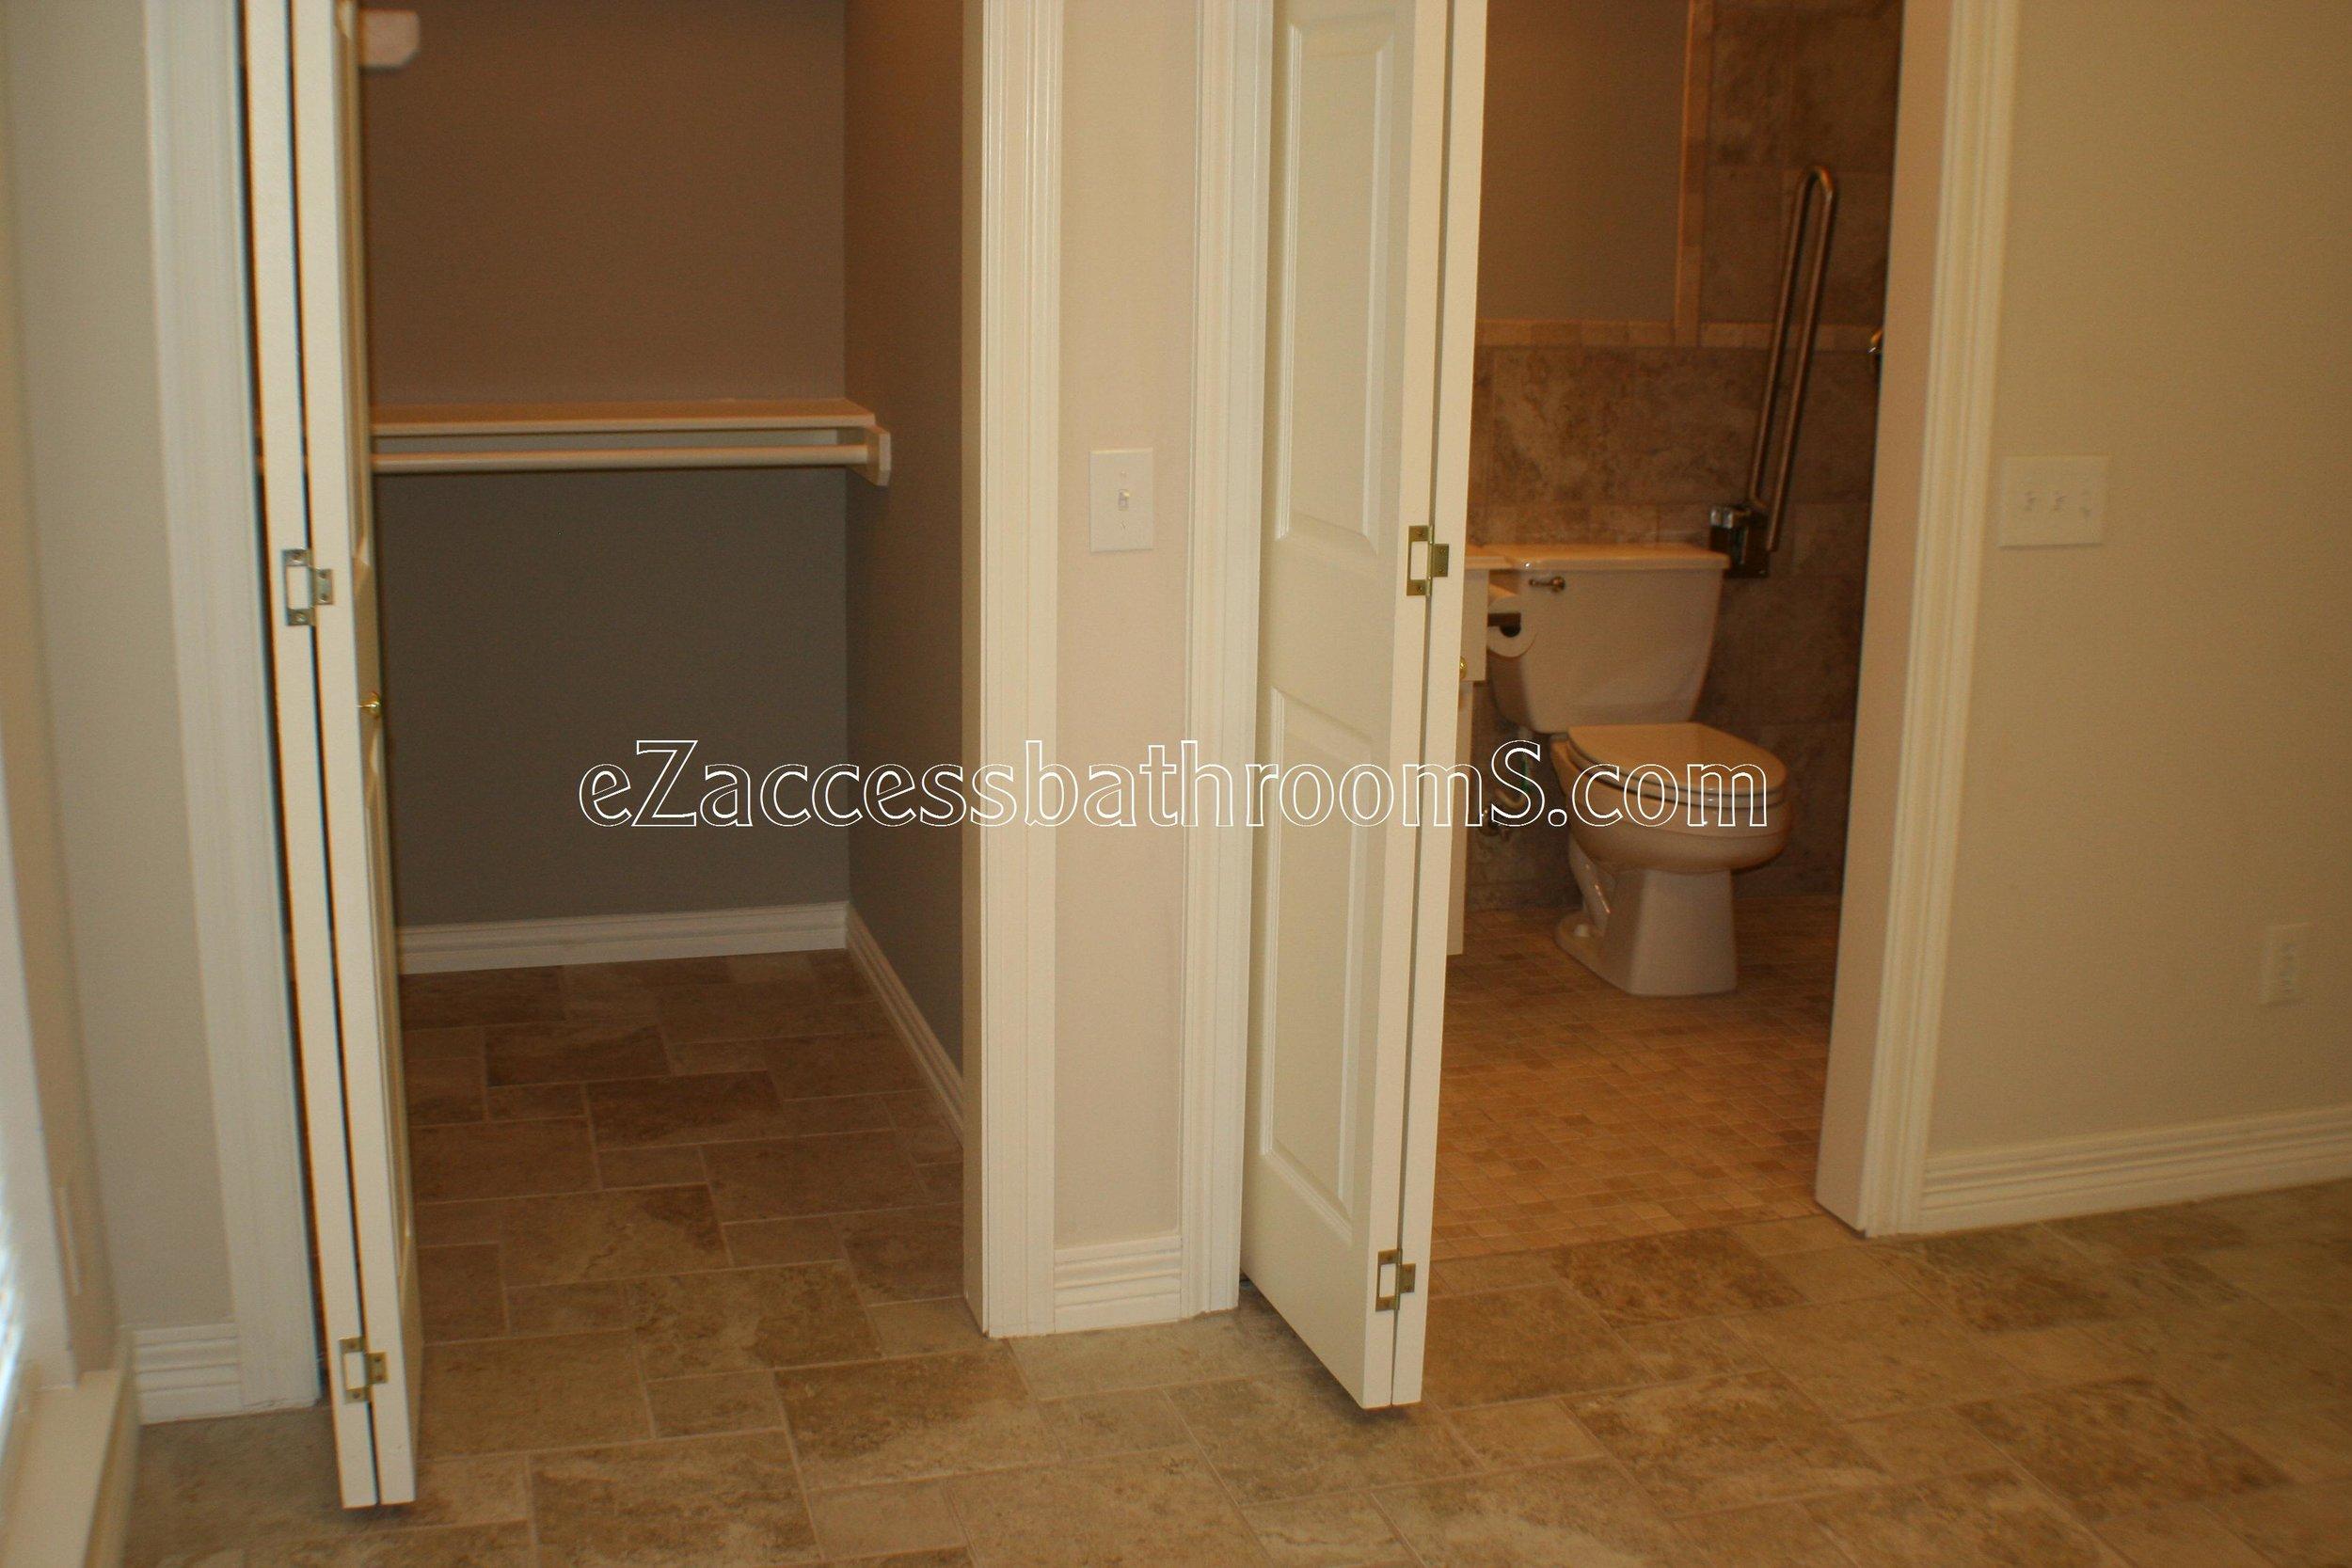 handicap bathroom 01 ezacessbathrooms.com 001.jpg